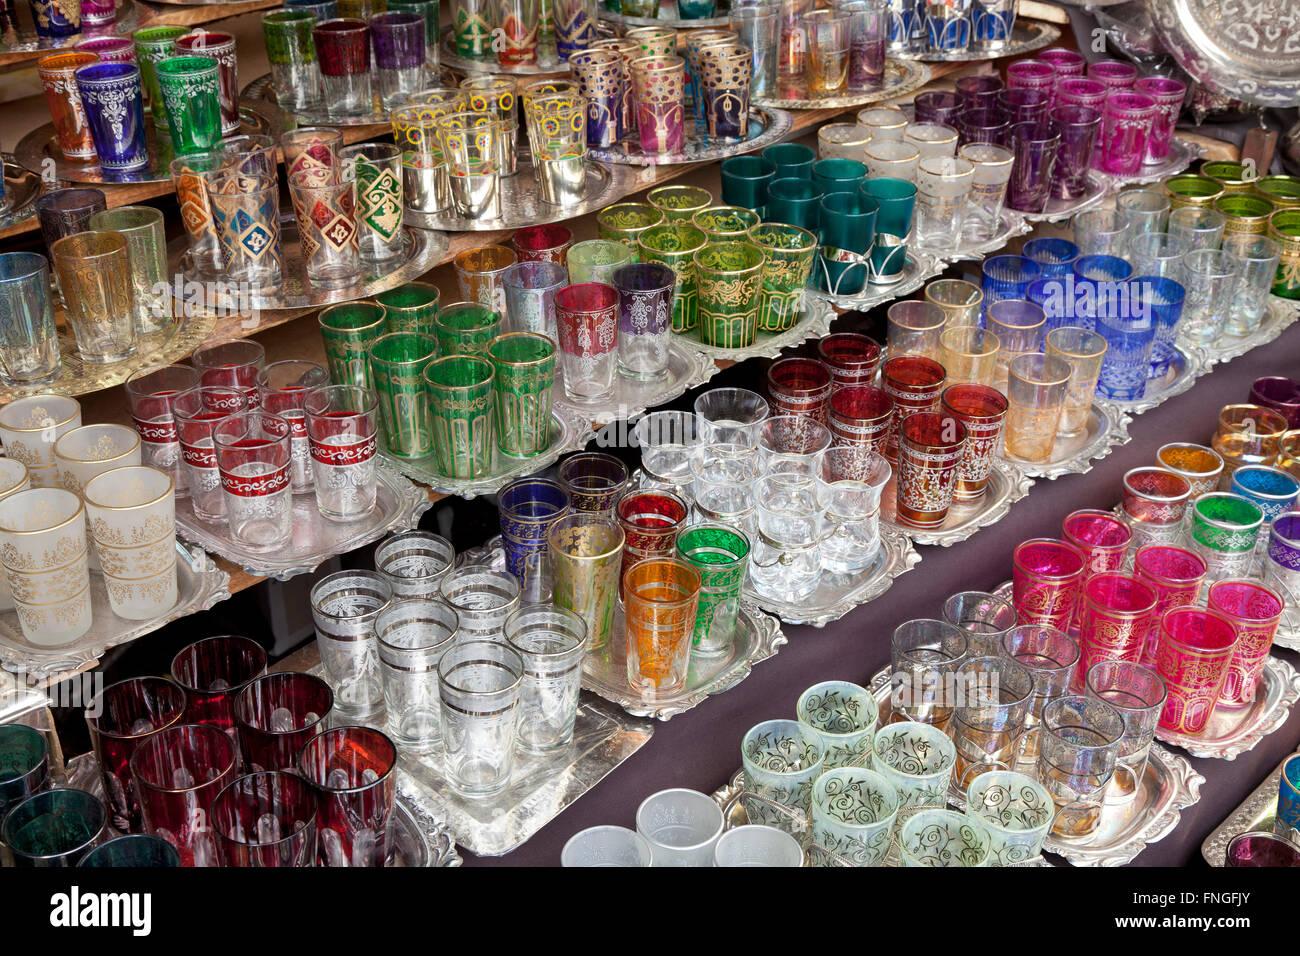 Cristalería Marroquí para la venta en el zoco de Marrakech, Marruecos Imagen De Stock